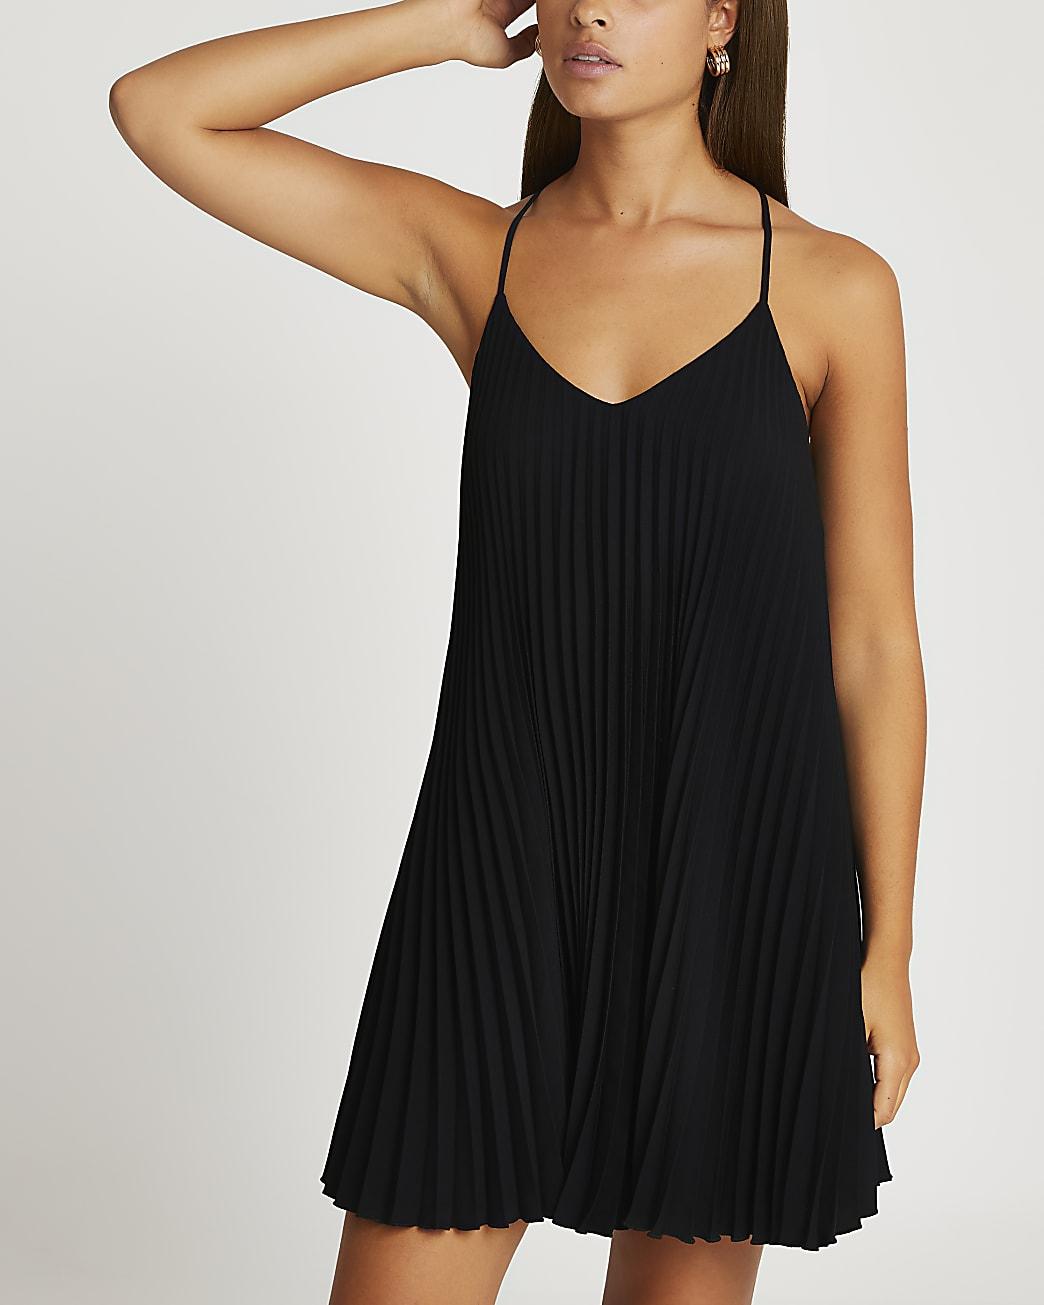 Black pleated sleeveless mini slip dress